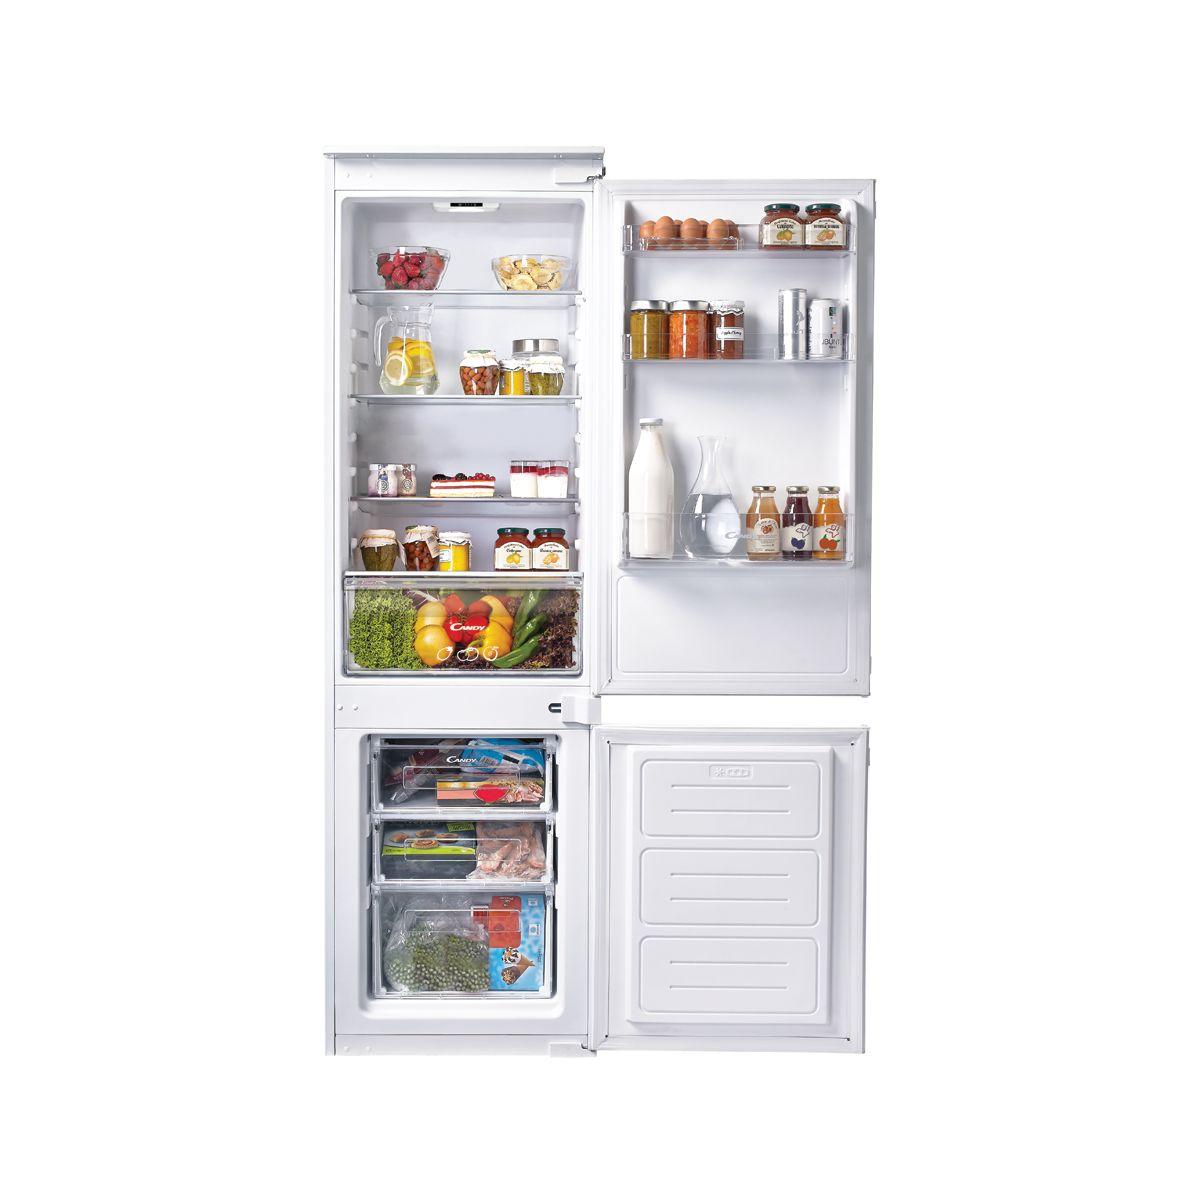 Réfrigérateur combiné encastrable CANDY CKBBS100